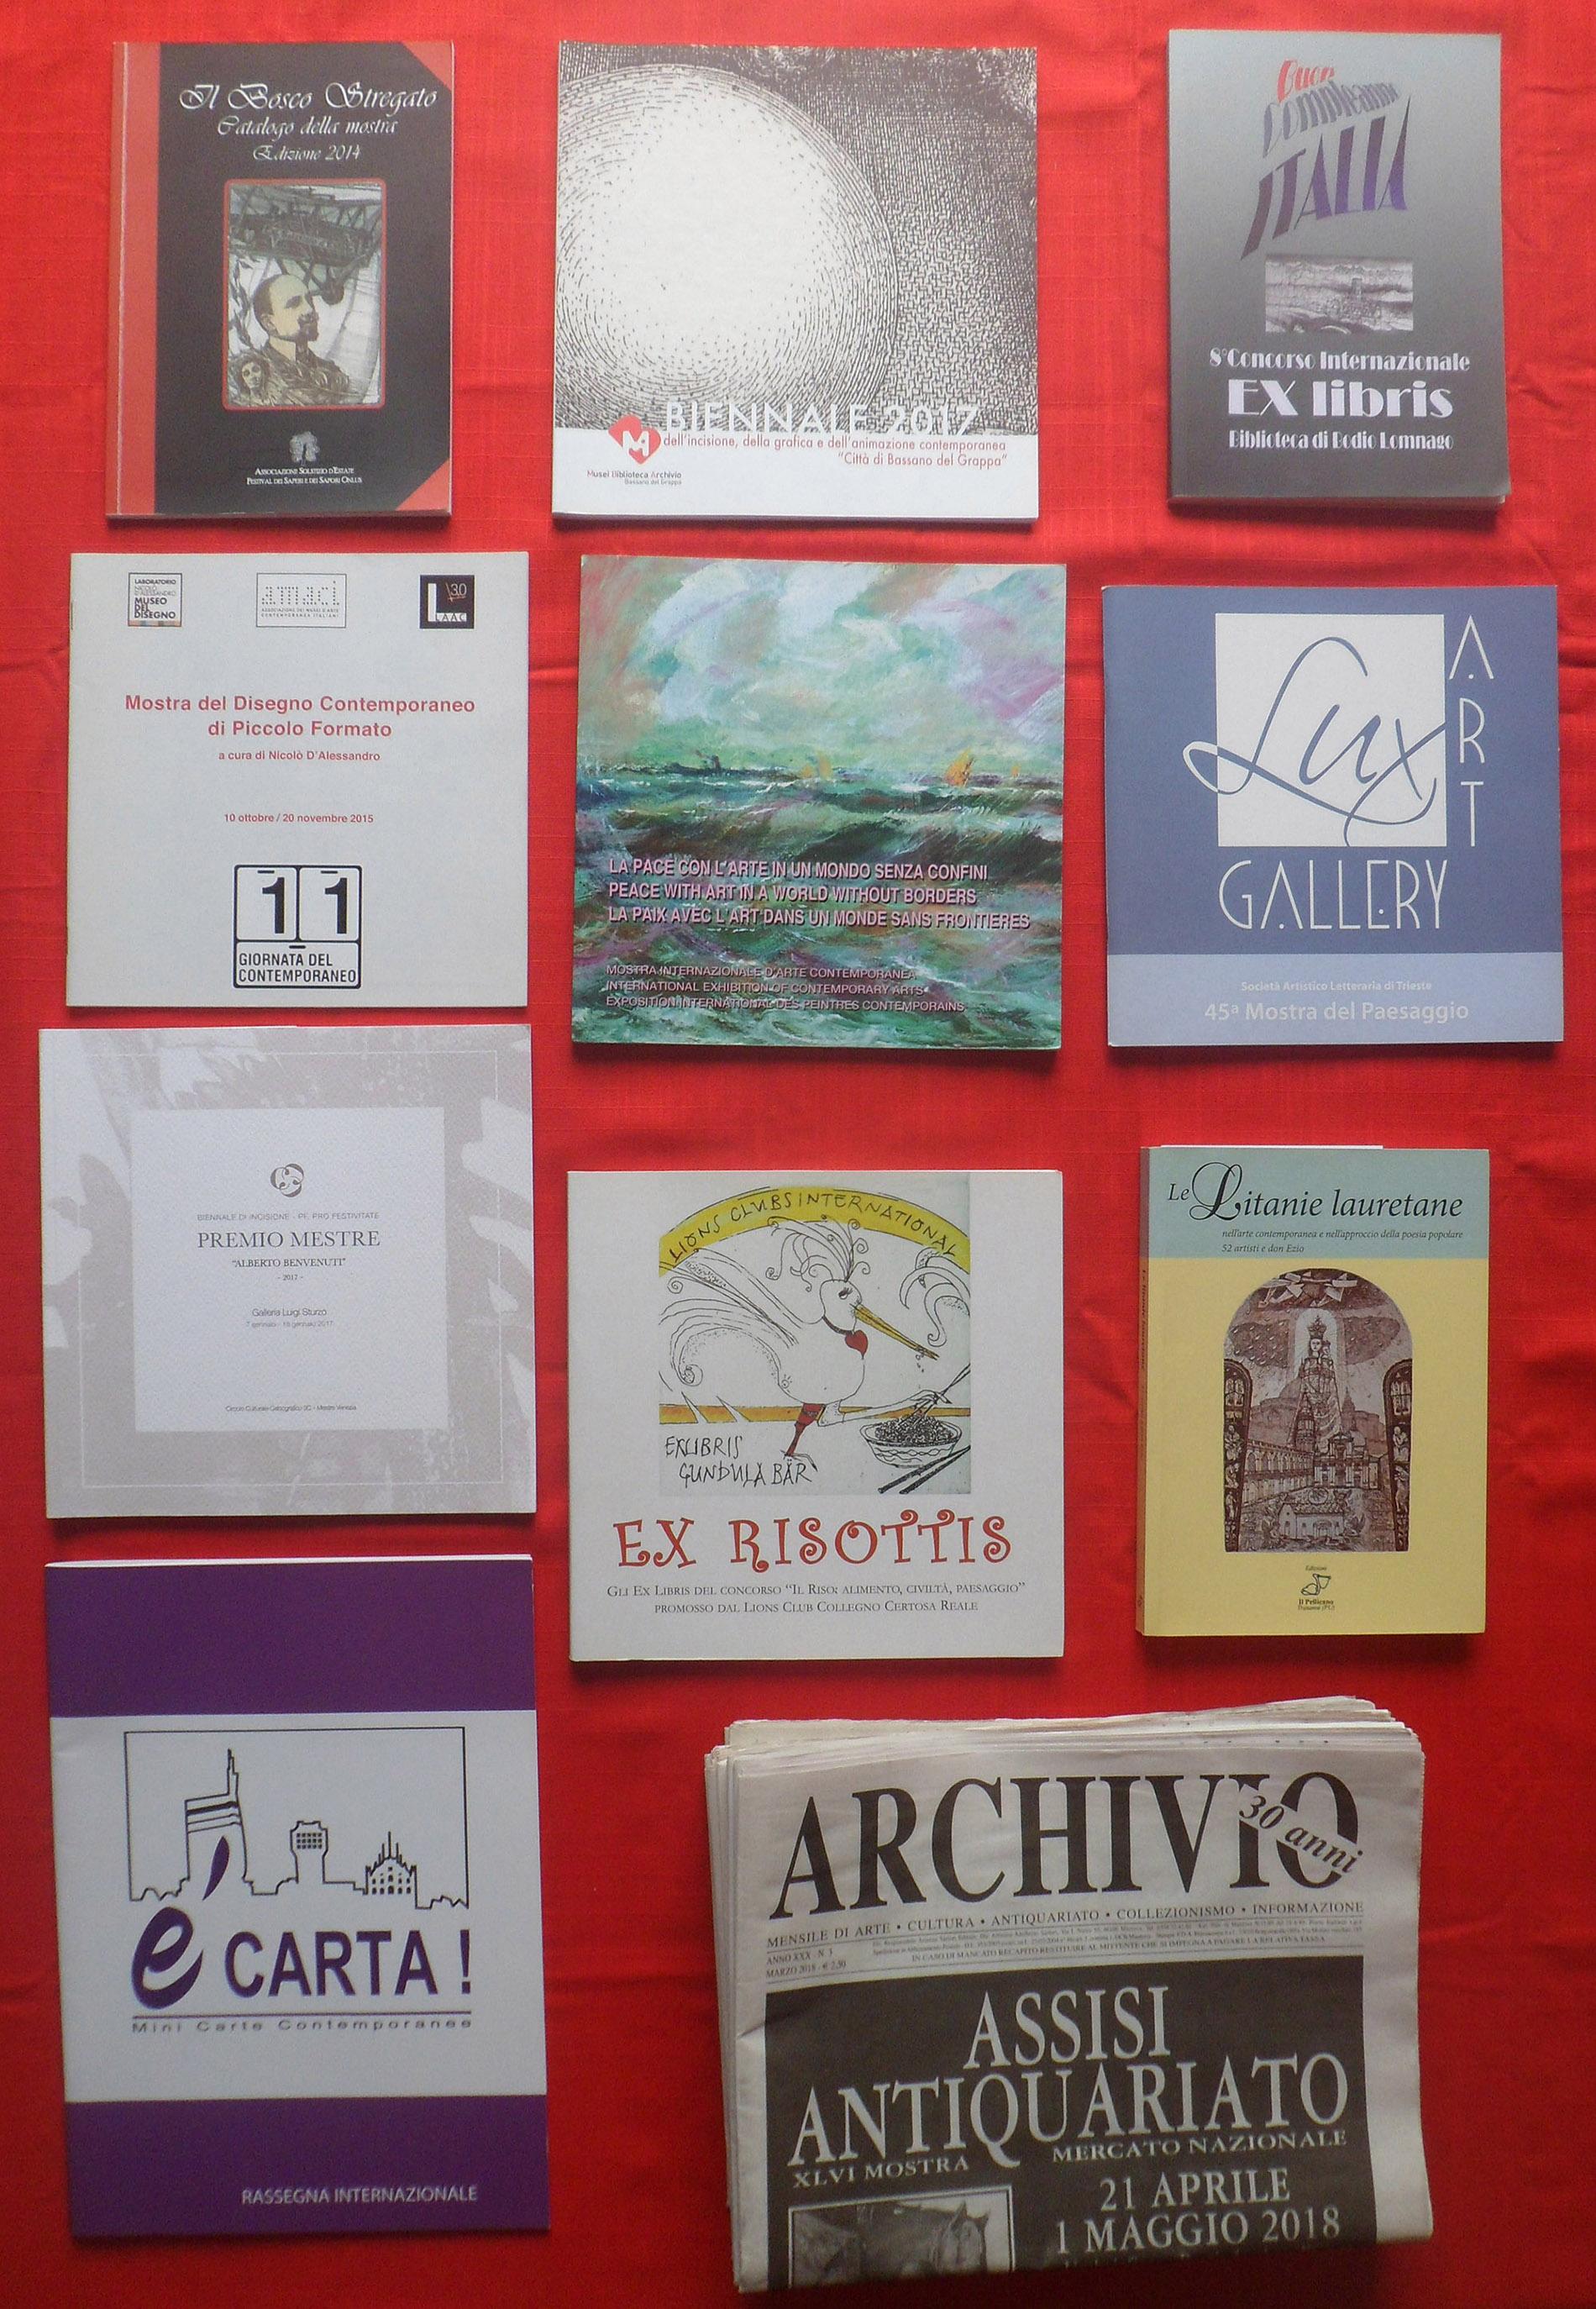 FABIO DOTTA LIBRI PUBBLICATI IN ITALIA